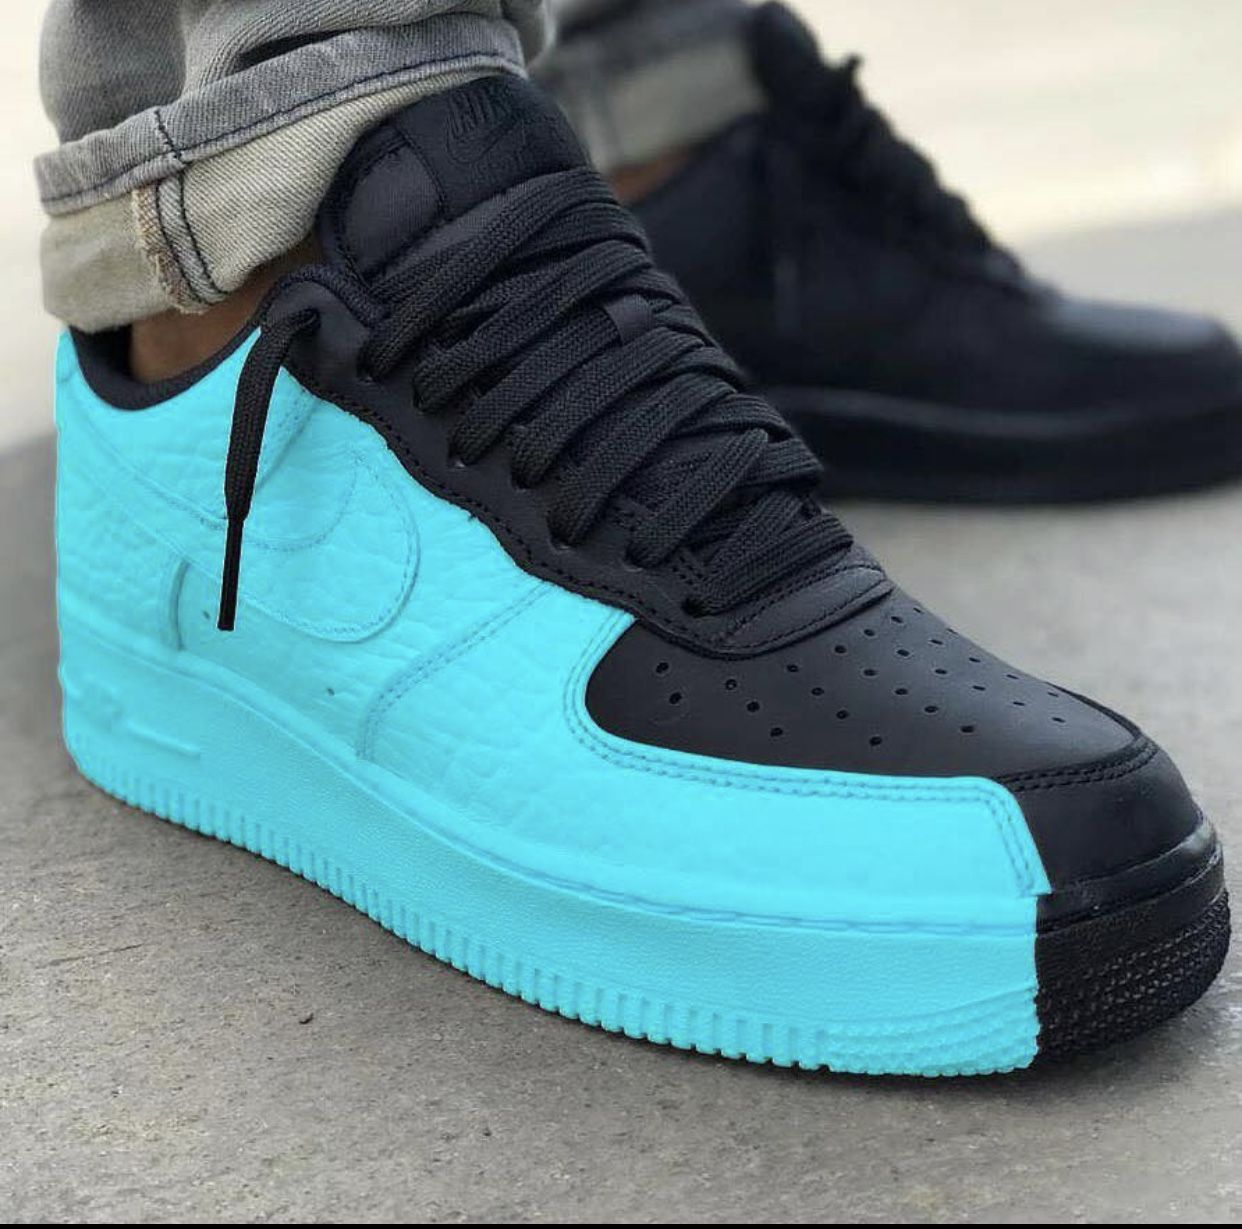 new styles 6088c 508d3 Zapatillas Jordan, Zapatillas Hombre Moda, Zapatos Swag, Zapatillas Adidas,  Ropa, Tenis